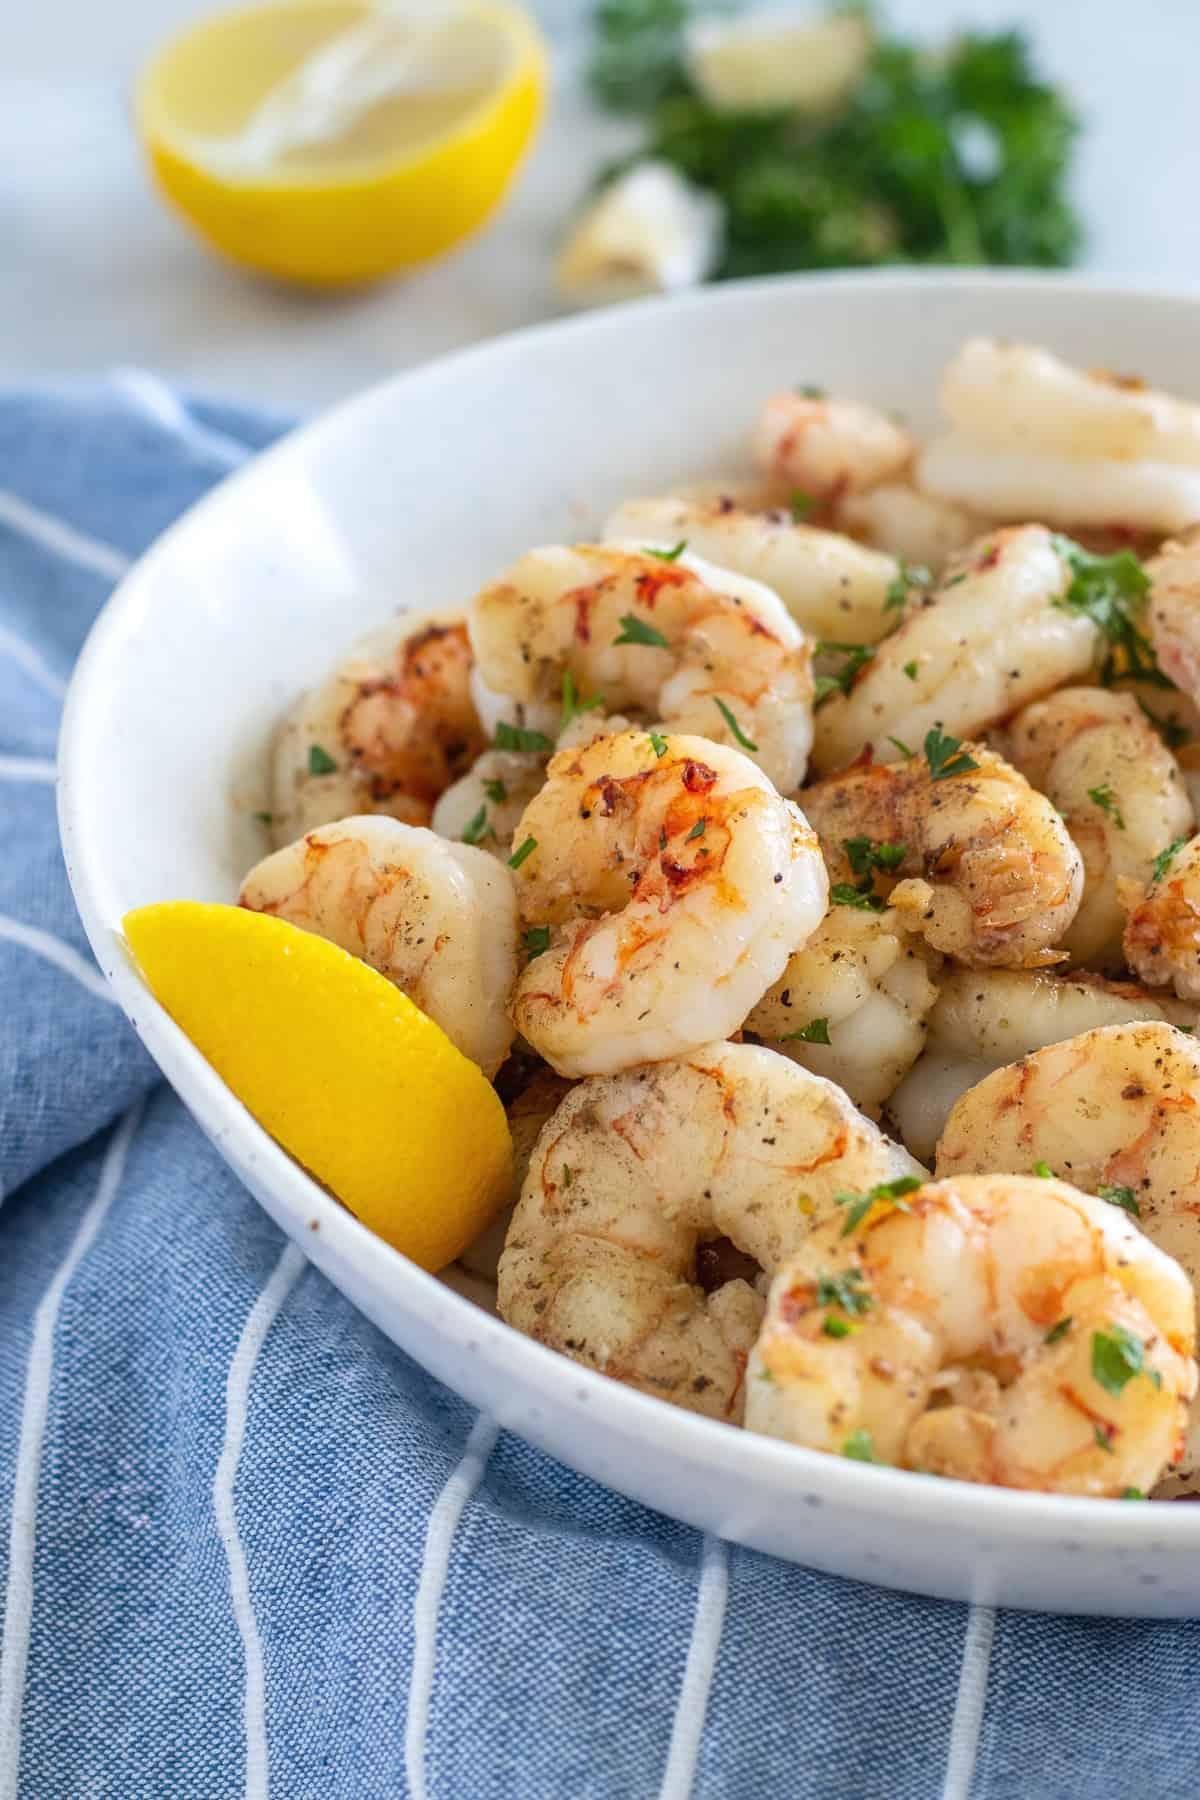 Serving suggestion for shrimp